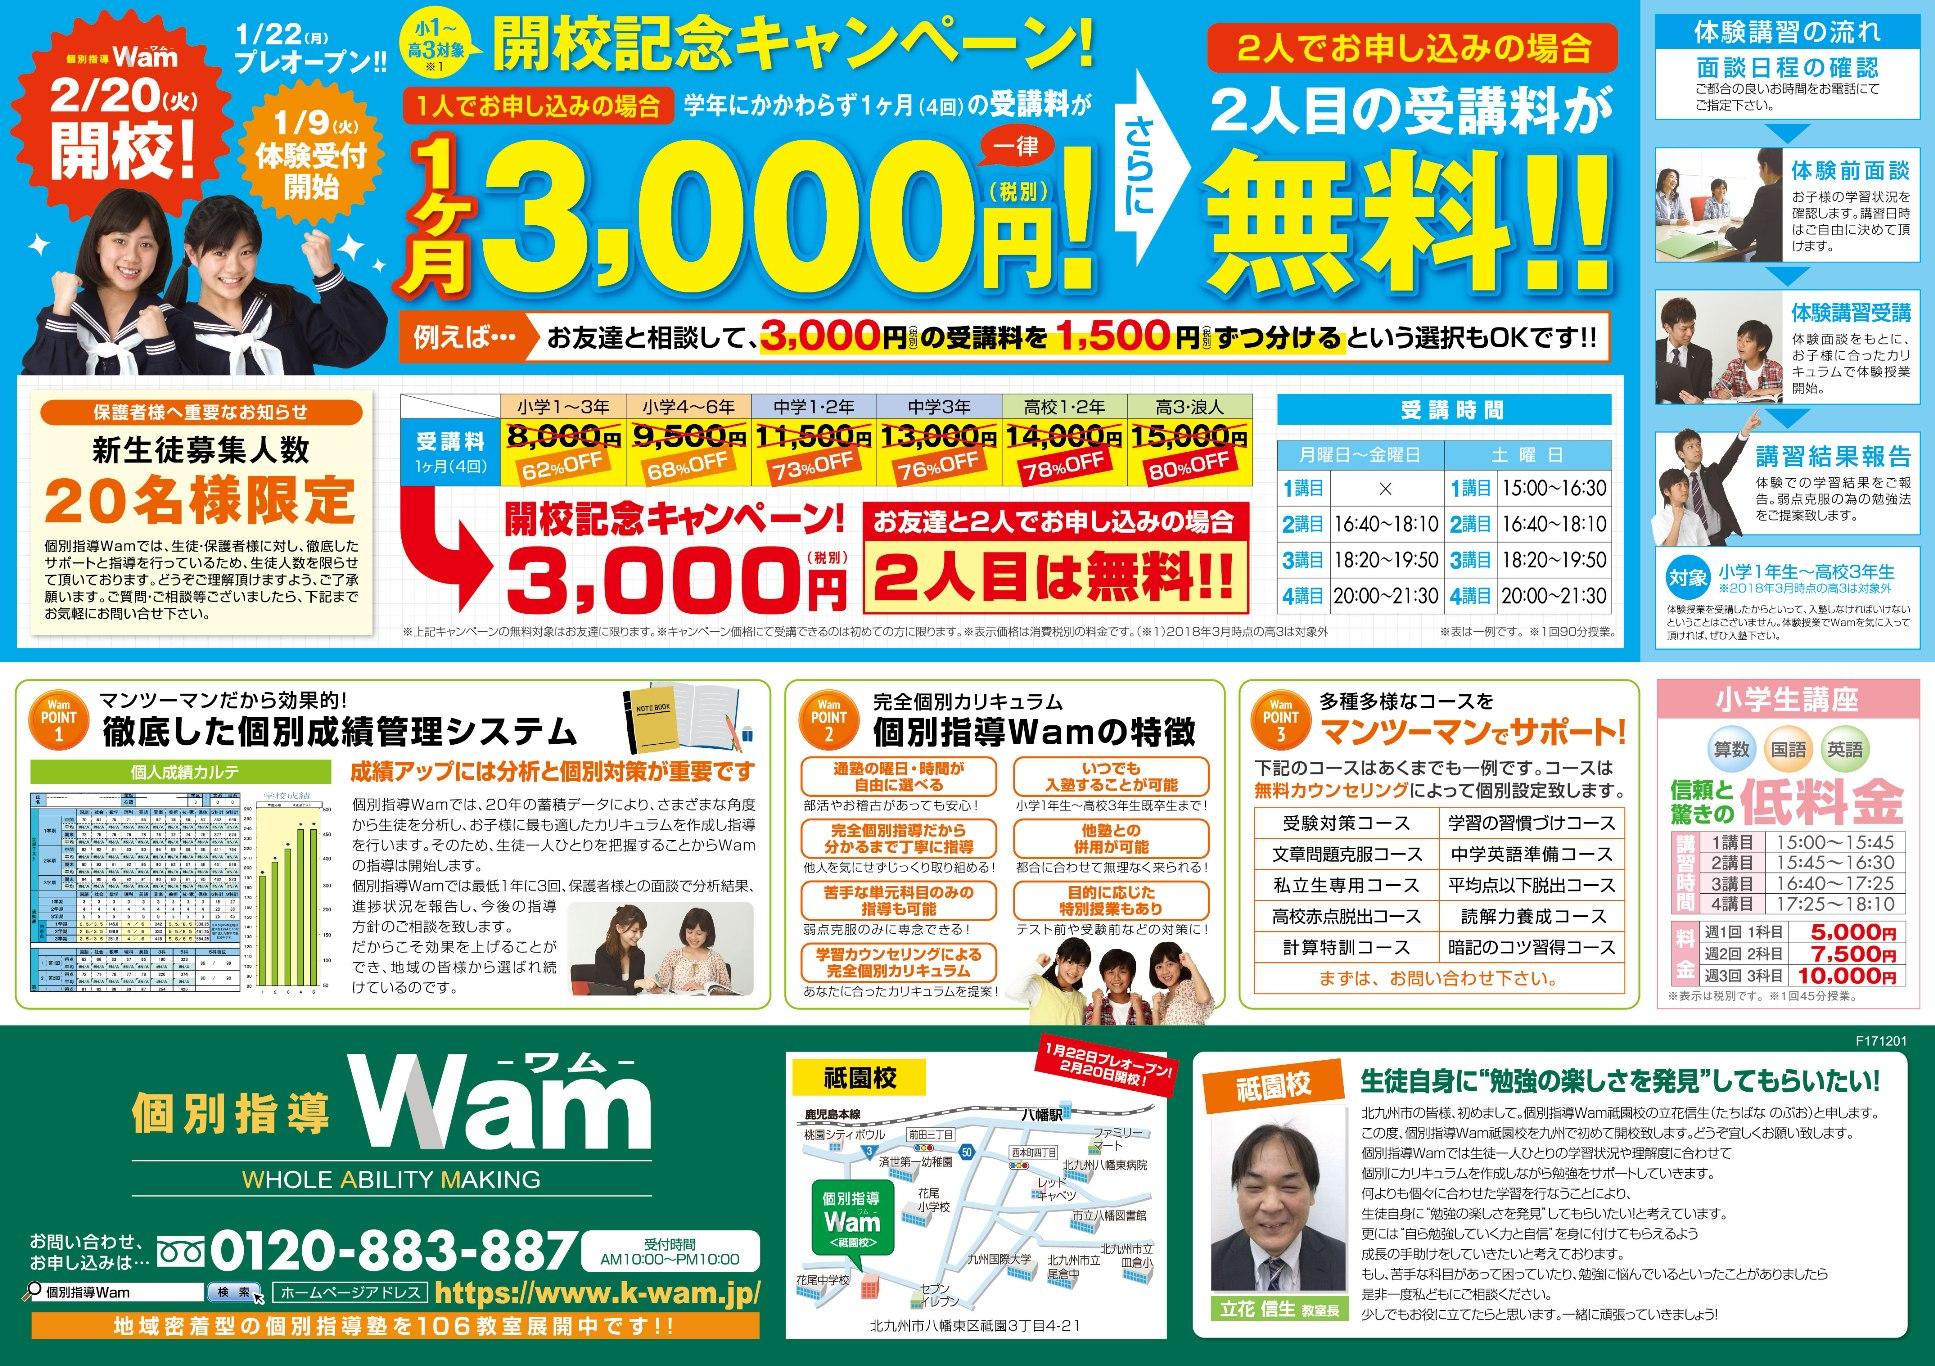 祇園校 2018年1月22日(月) プレオープン・ウラ面